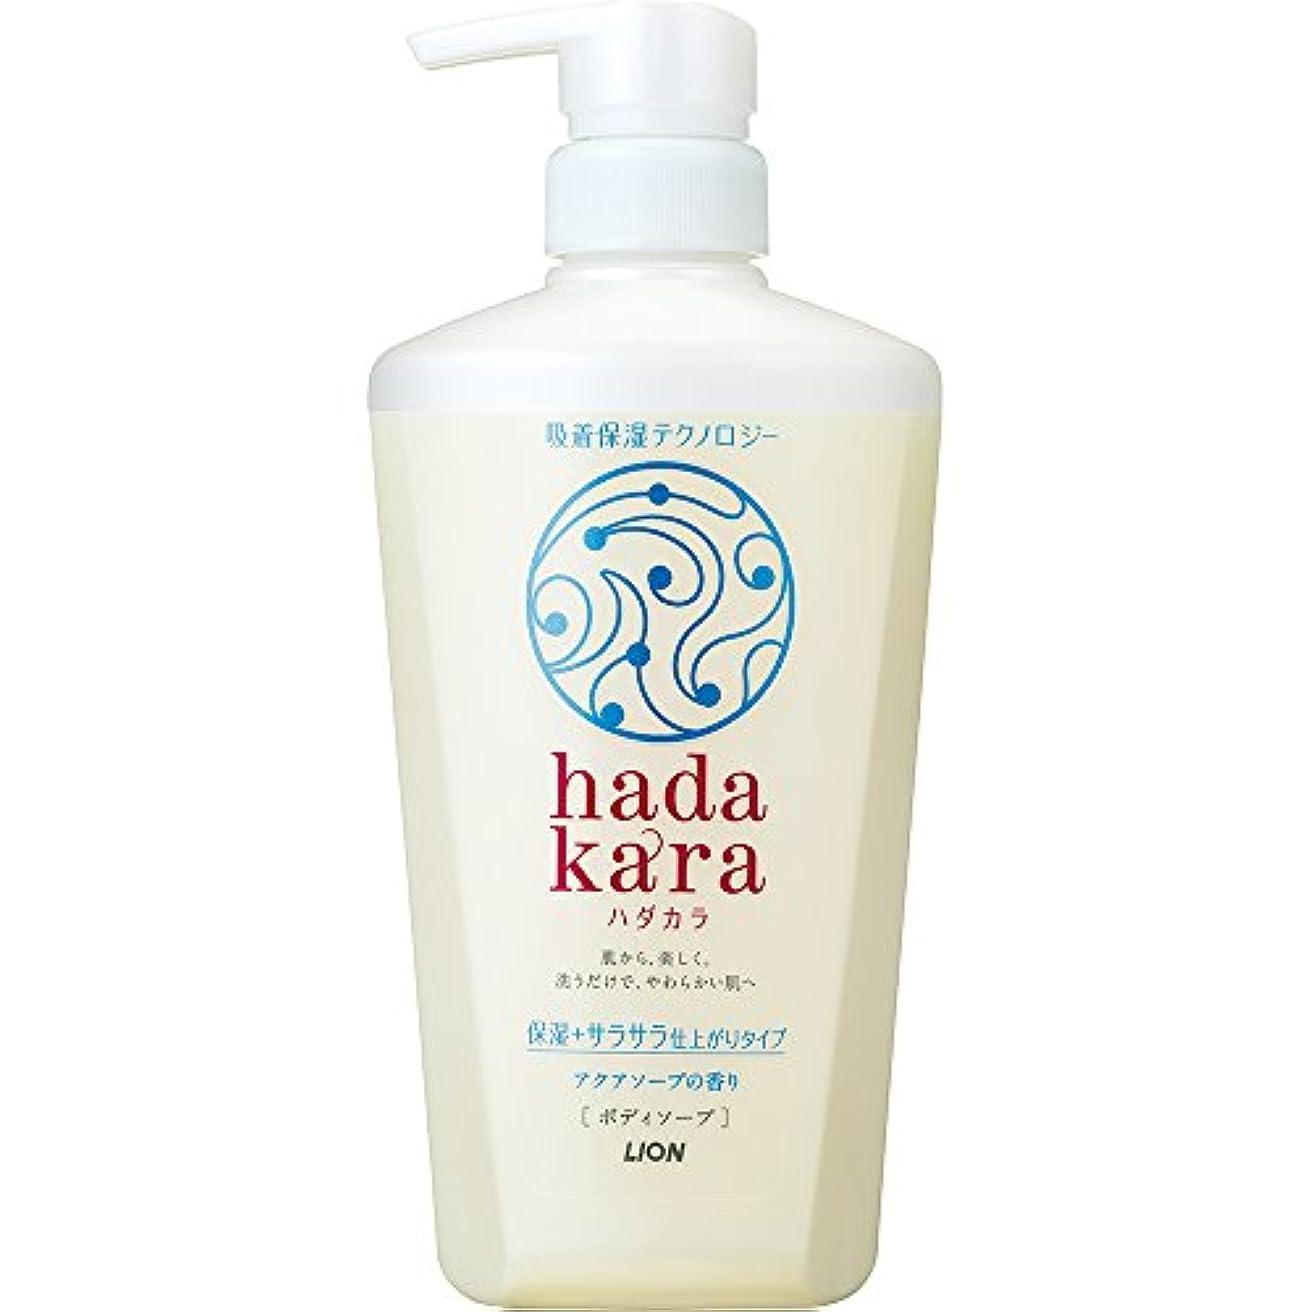 悲しいことにスズメバチパトワhadakara(ハダカラ) ボディソープ 保湿+サラサラ仕上がりタイプ アクアソープの香り 本体 480ml